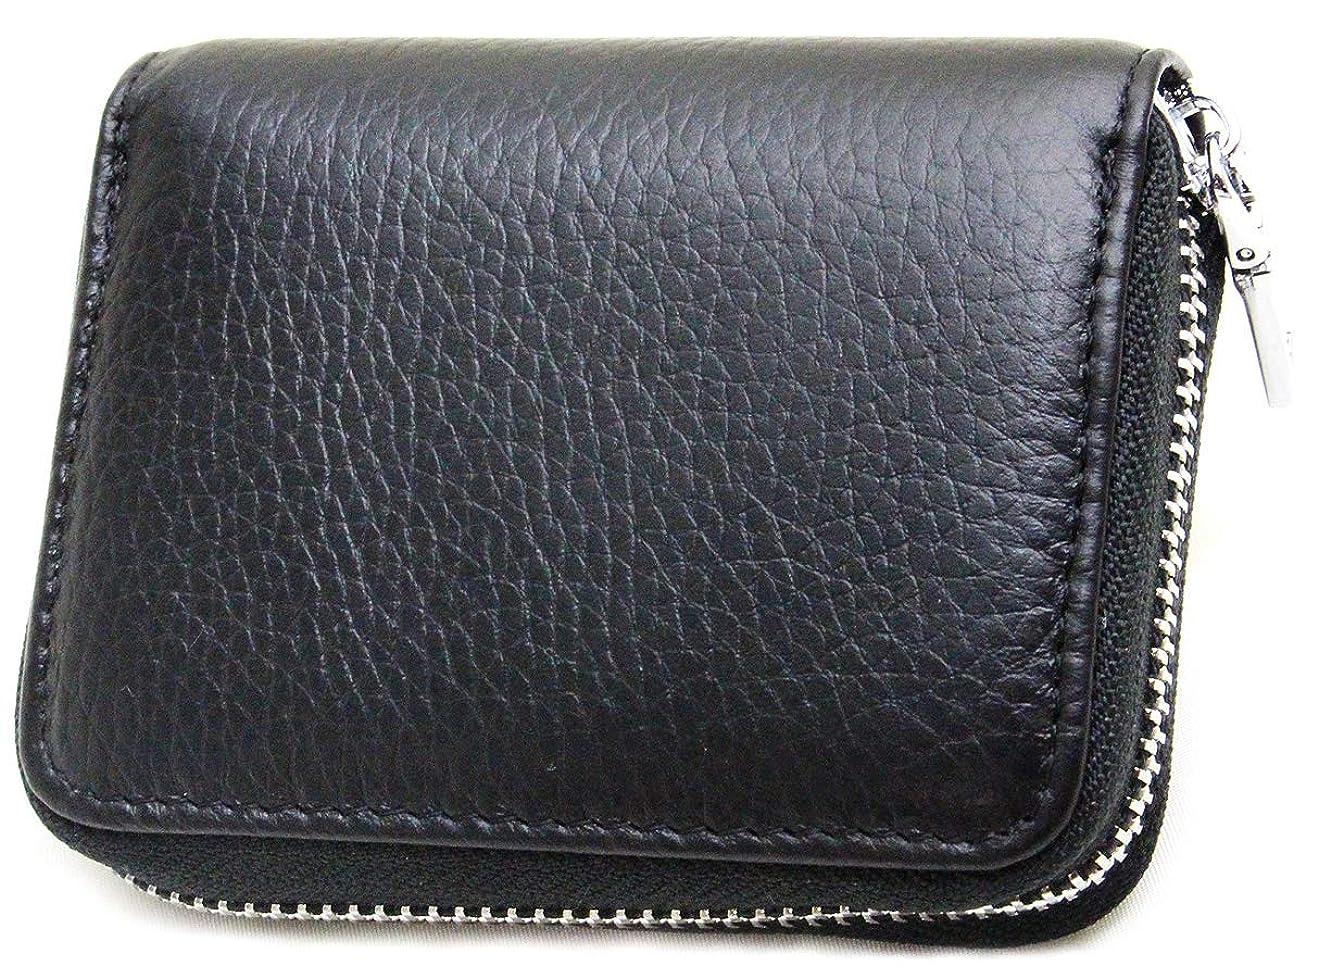 ほとんどの場合アテンダント財布[motto] 【高級本革カウレザー】 便利なミニマル財布としても使える 大容量じゃばら牛革カードケース コインケース 小銭入れ mzyo-0013